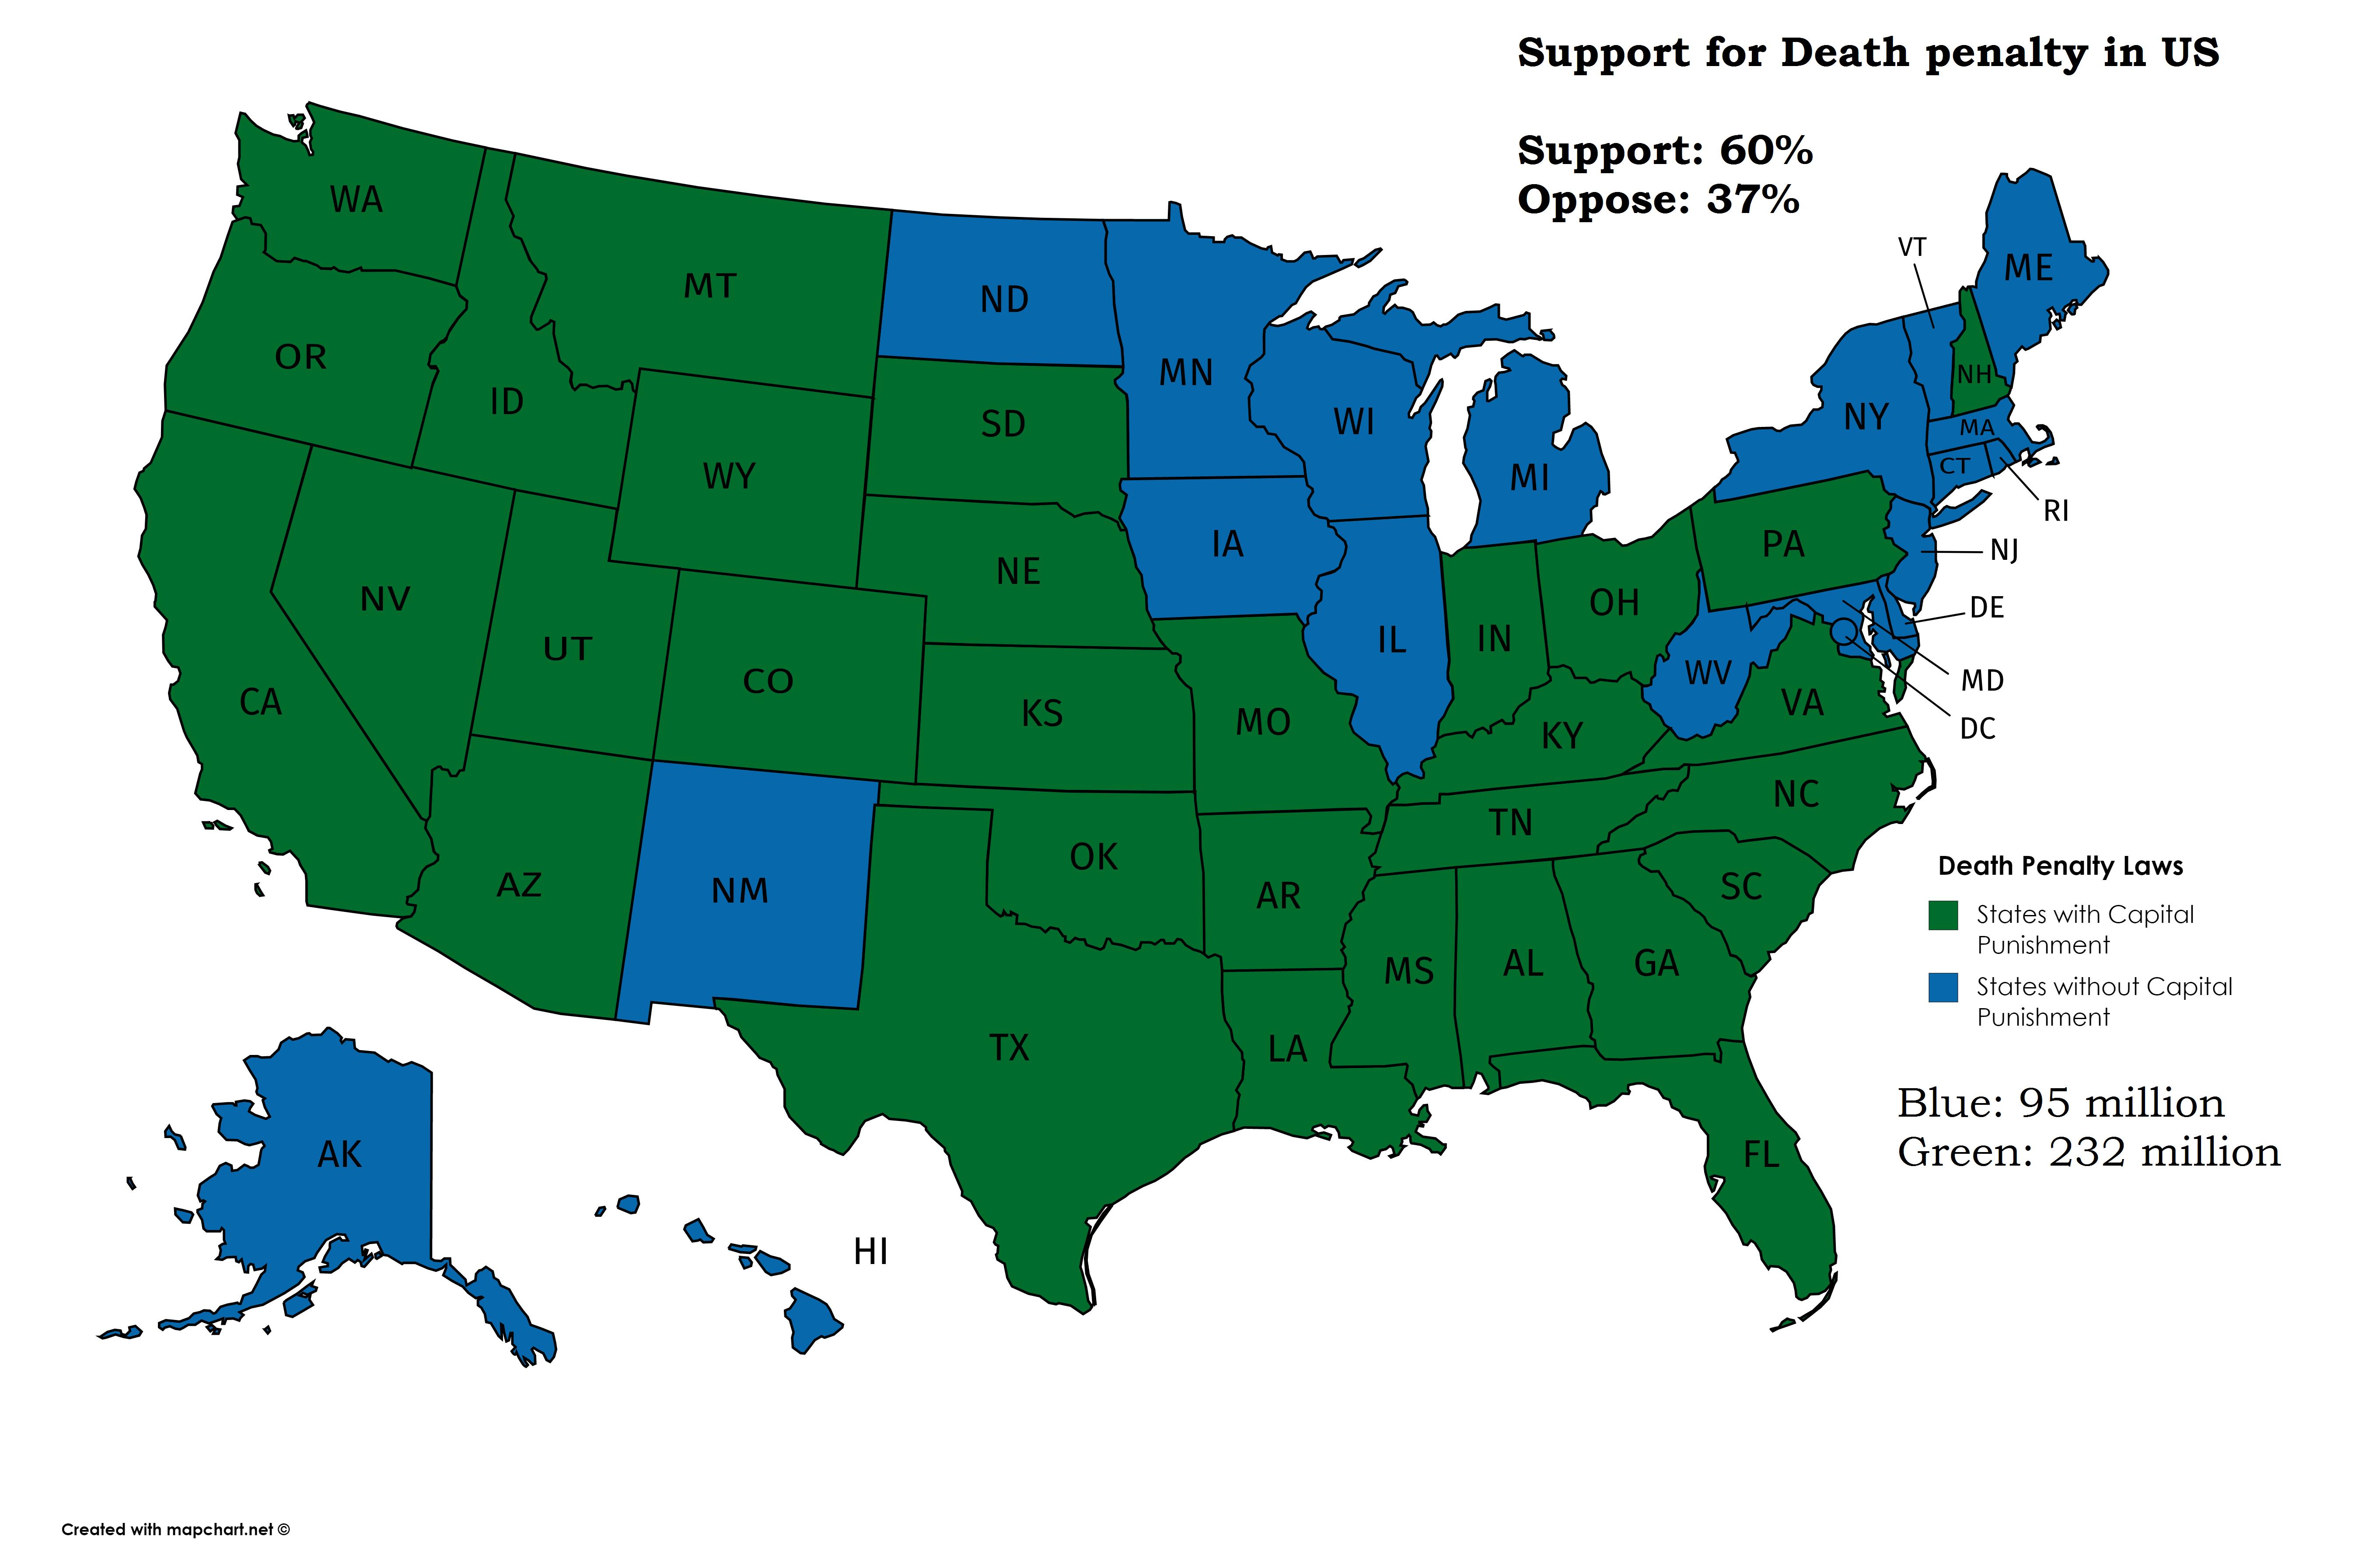 mappe stati uniti pena di morte